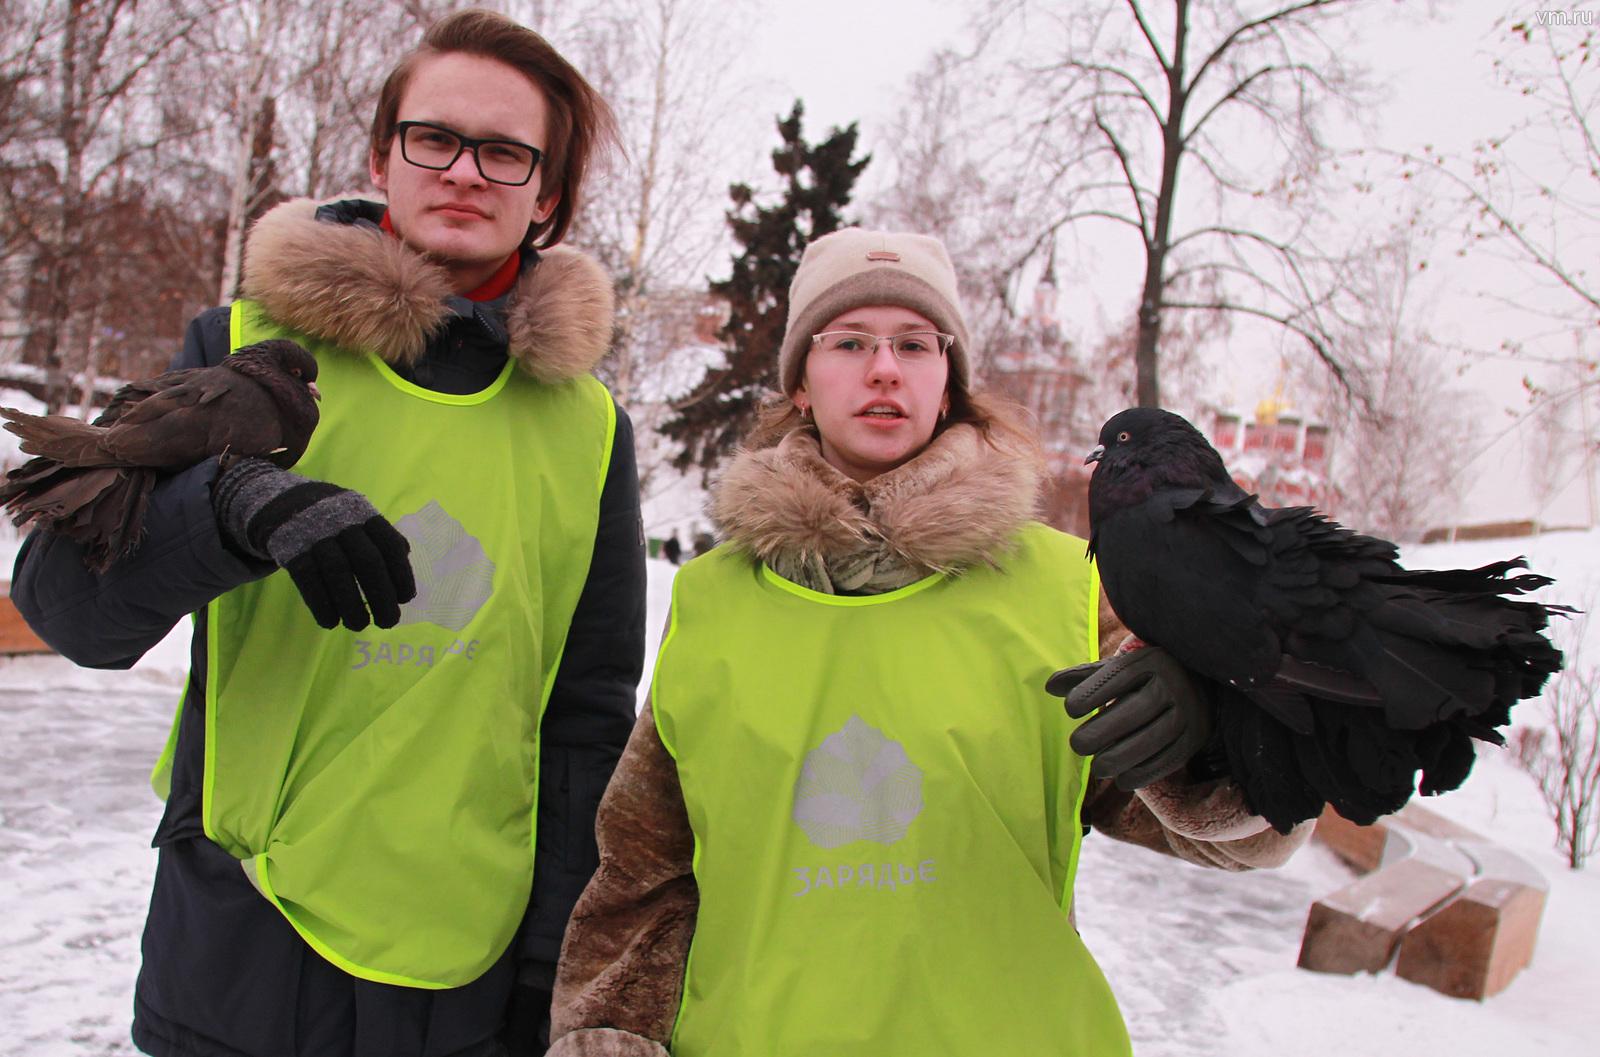 Необычные площадки для кормления птиц появятся в рамках экологического фестиваля «Снежный холст»